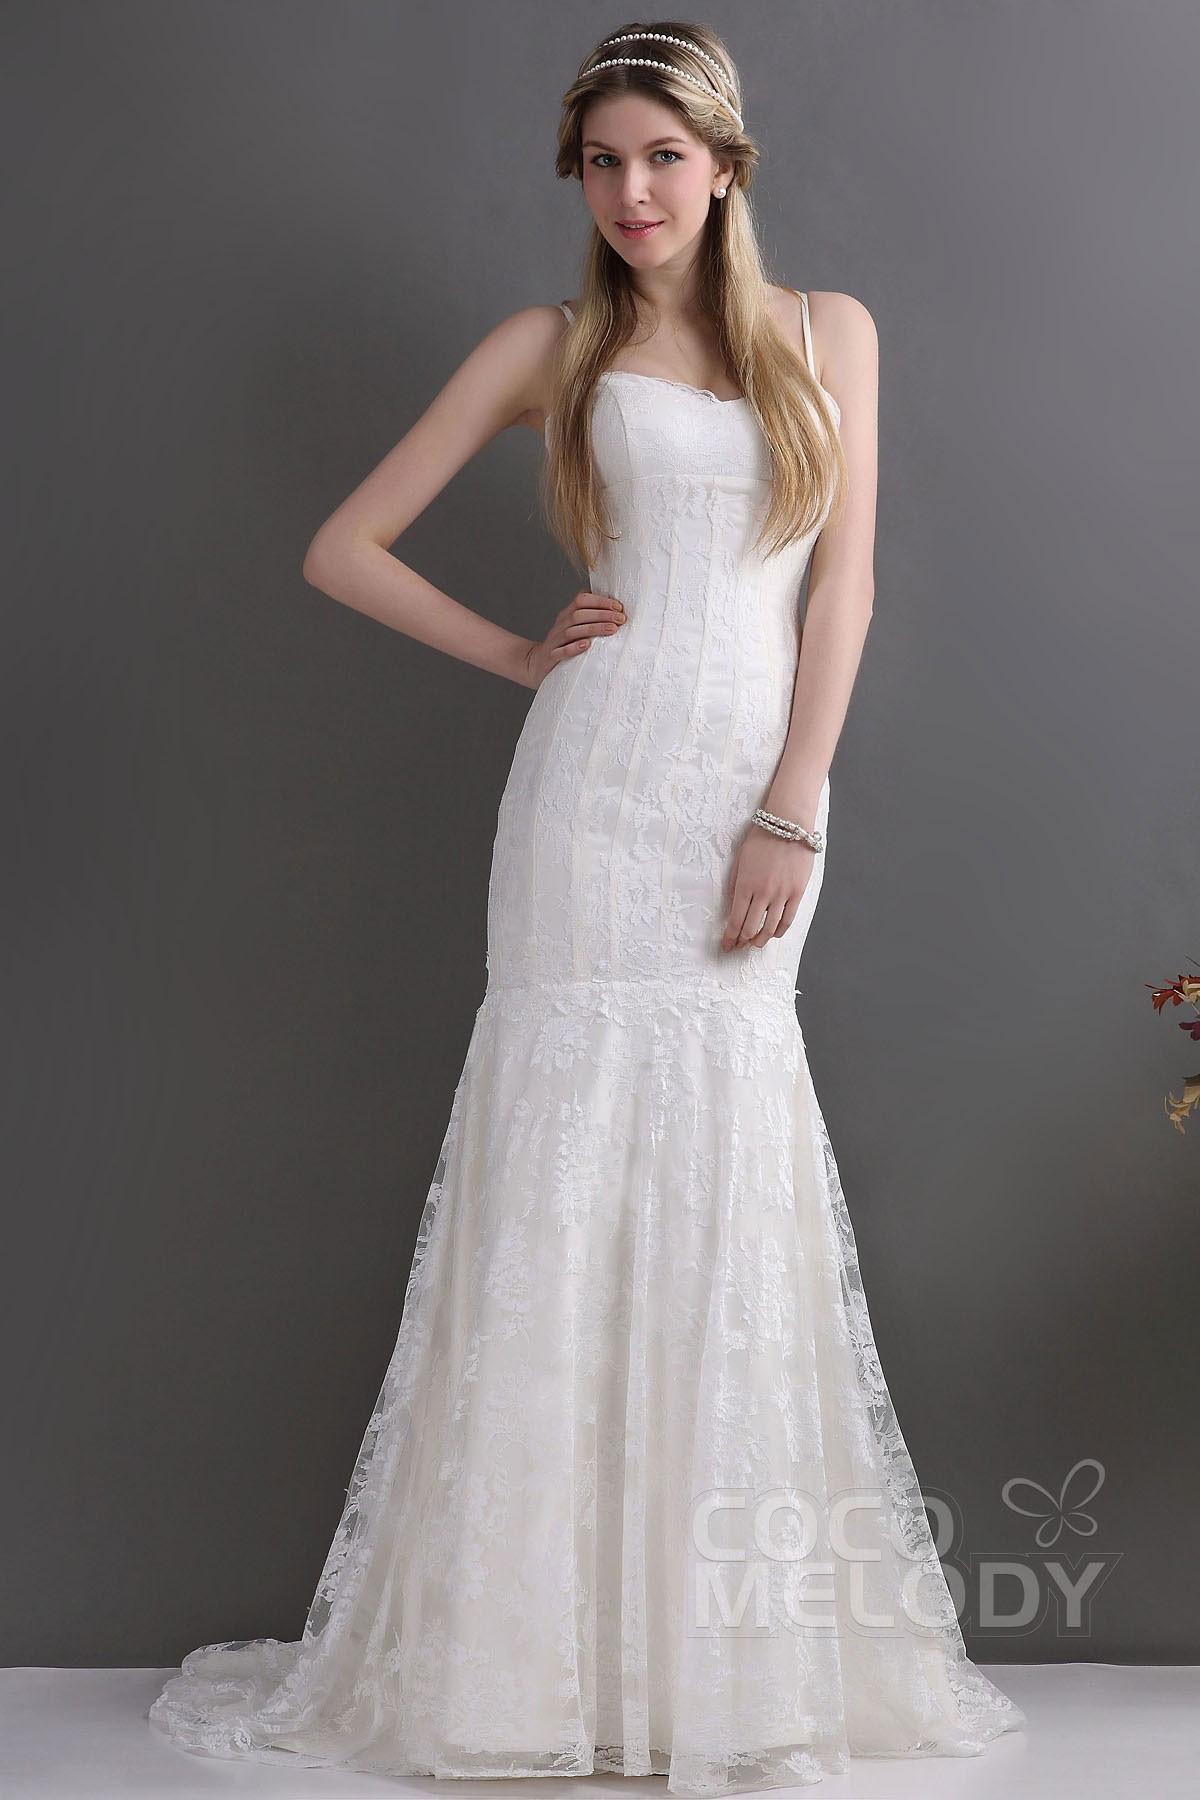 Spaghetti Strap Mermaid Wedding Dress  Co elody Trumpet Mermaid Spaghetti Strap Train Lace